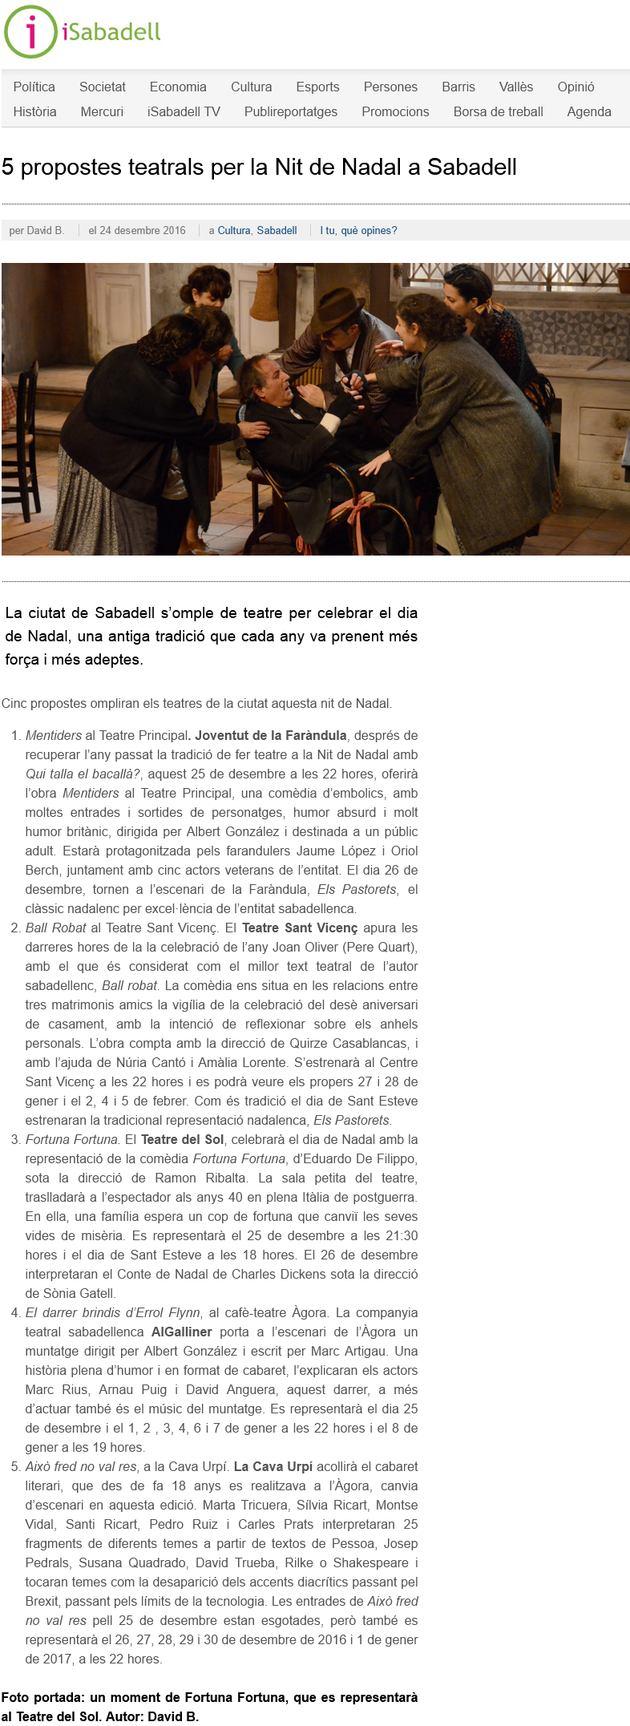 iSabadell: 5 propostes teatrals per la Nit de Nadal a Sabadell